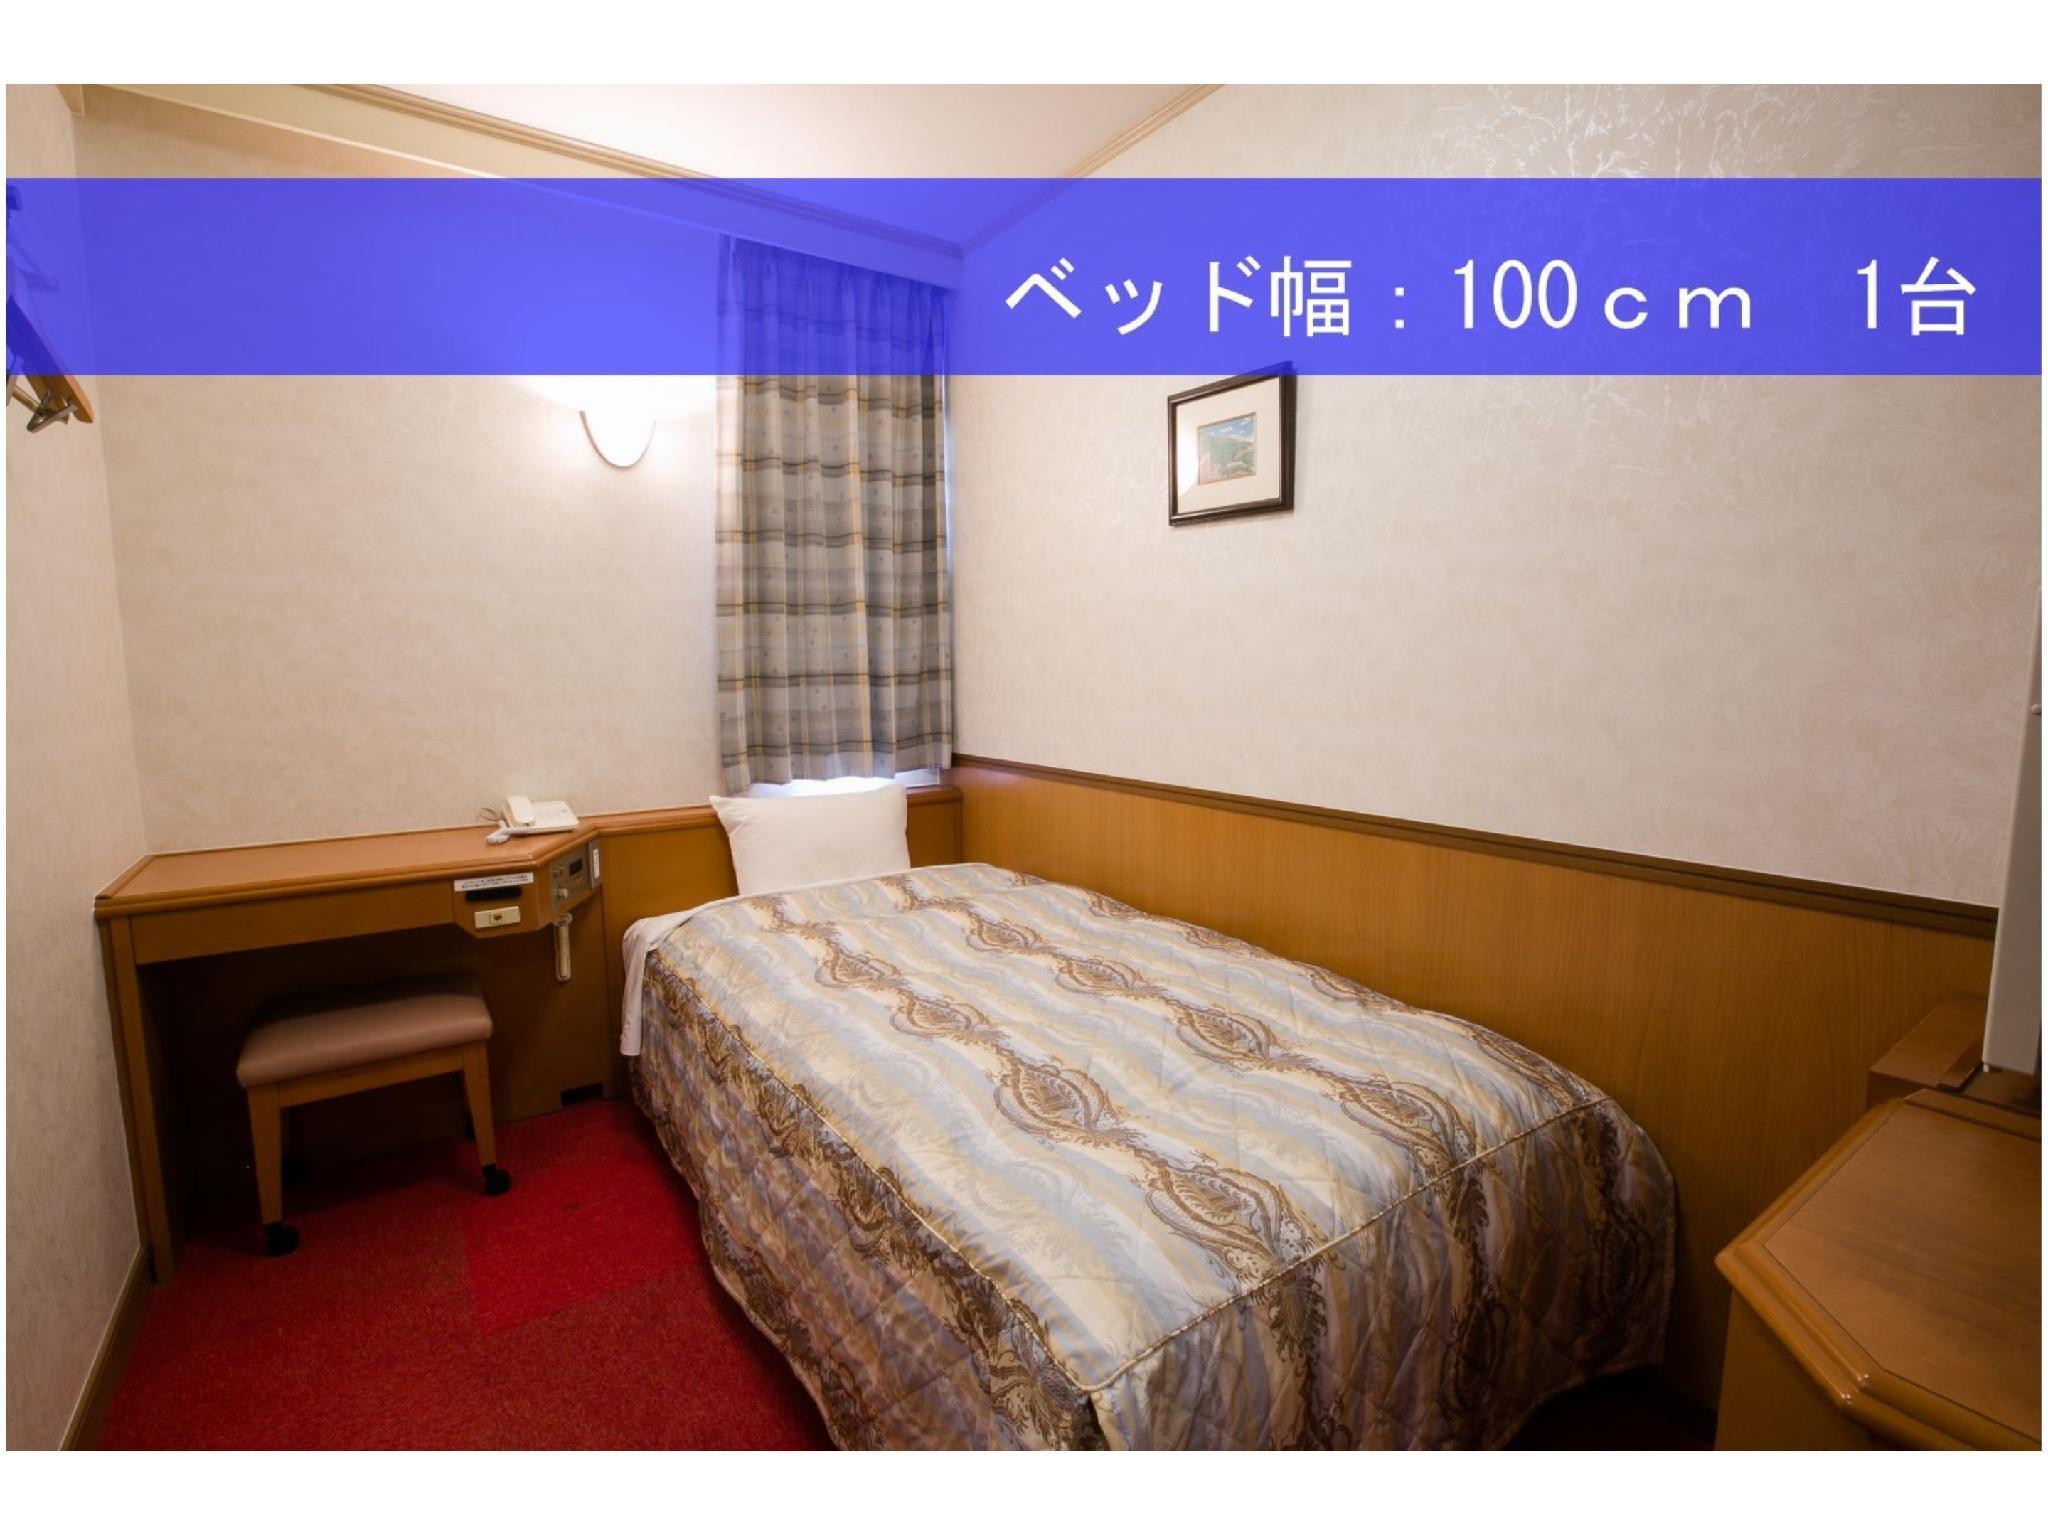 アーベイ 天王寺 ホテル